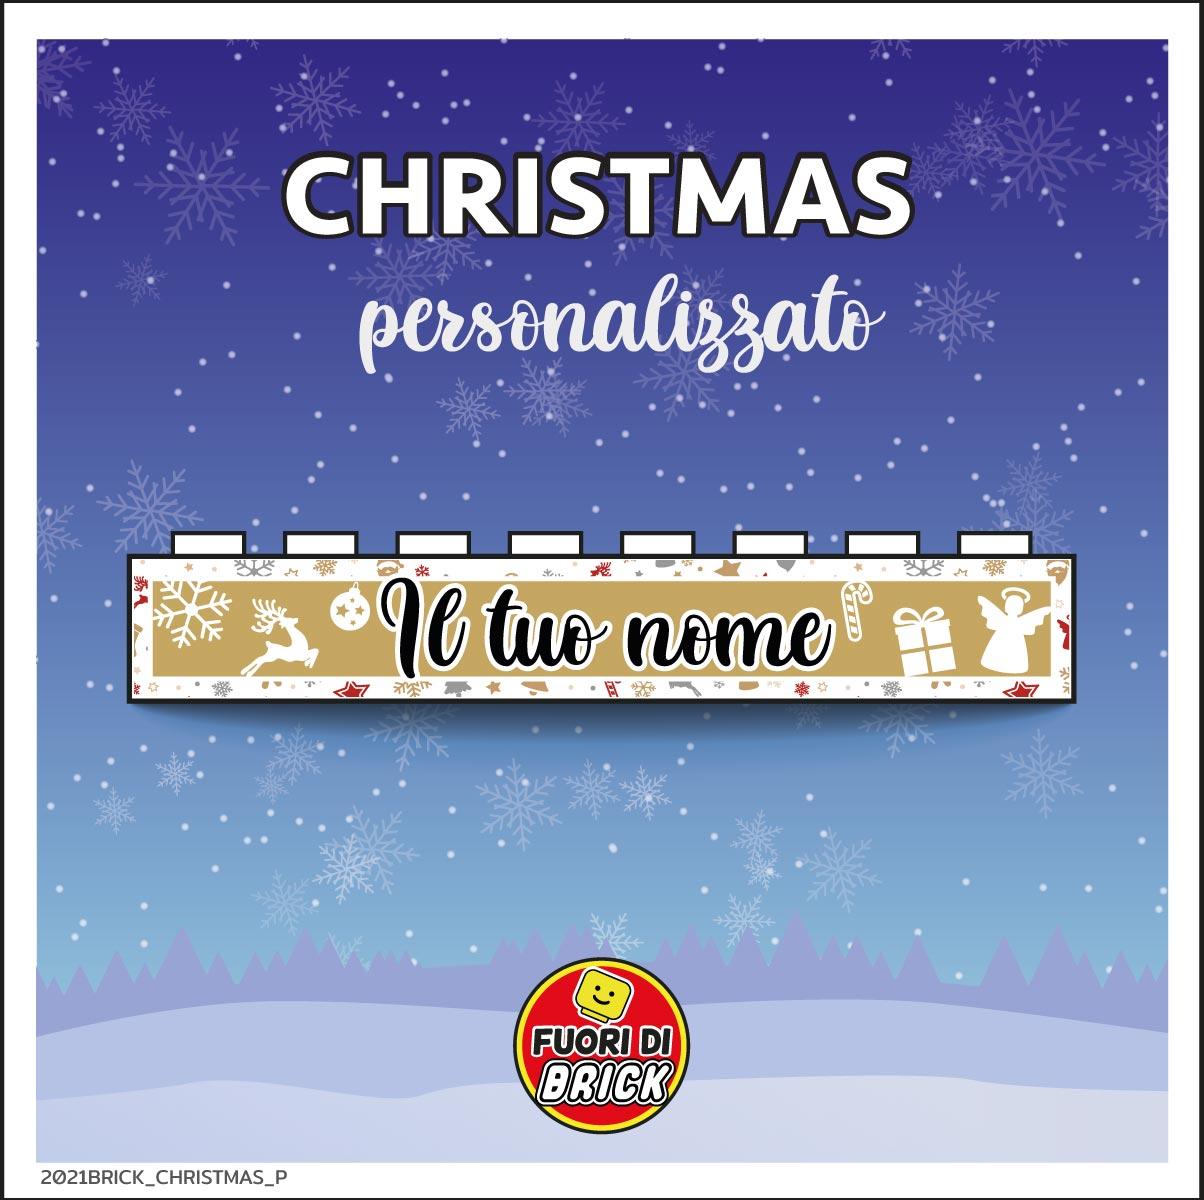 2021BRICK_CHRISTMAS_P